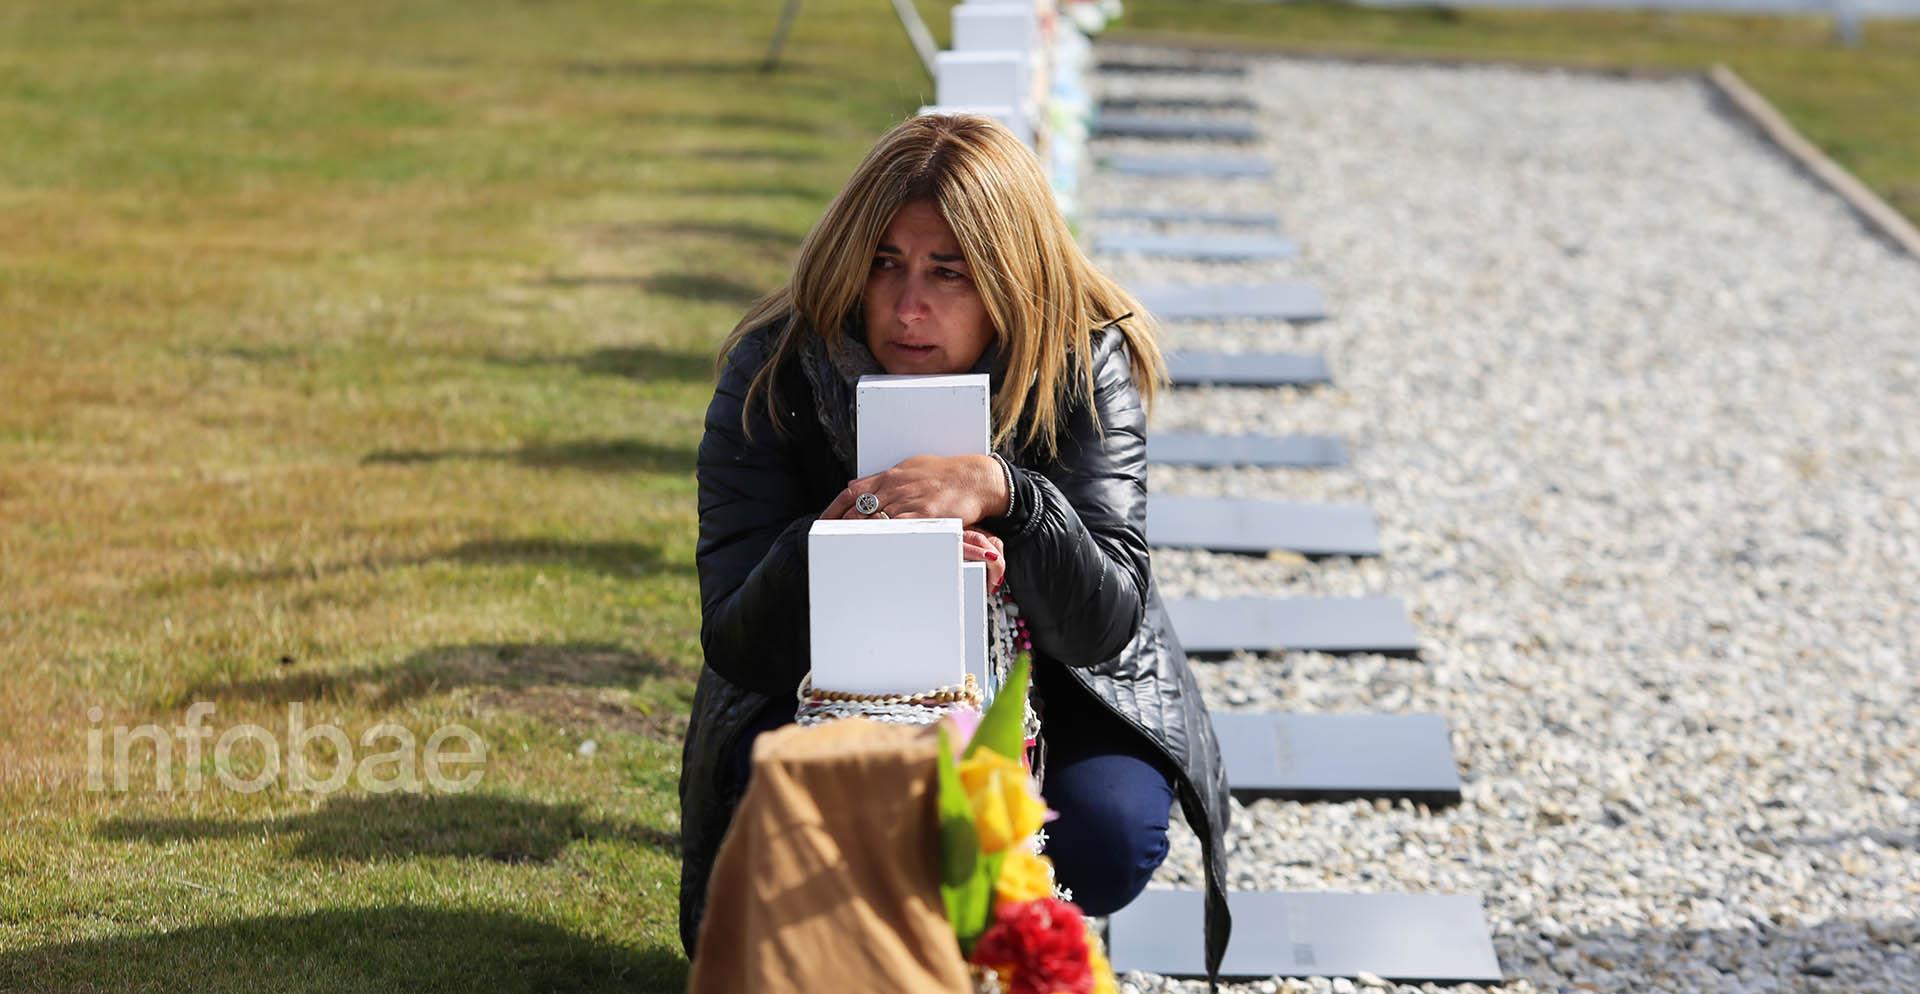 Las familias acudieron al cementerio de Darwin poco después de las 9 de la mañana. Los primeros minutos fueron conmovedores. Reinaba un silencio acompañado de llantos ahogados